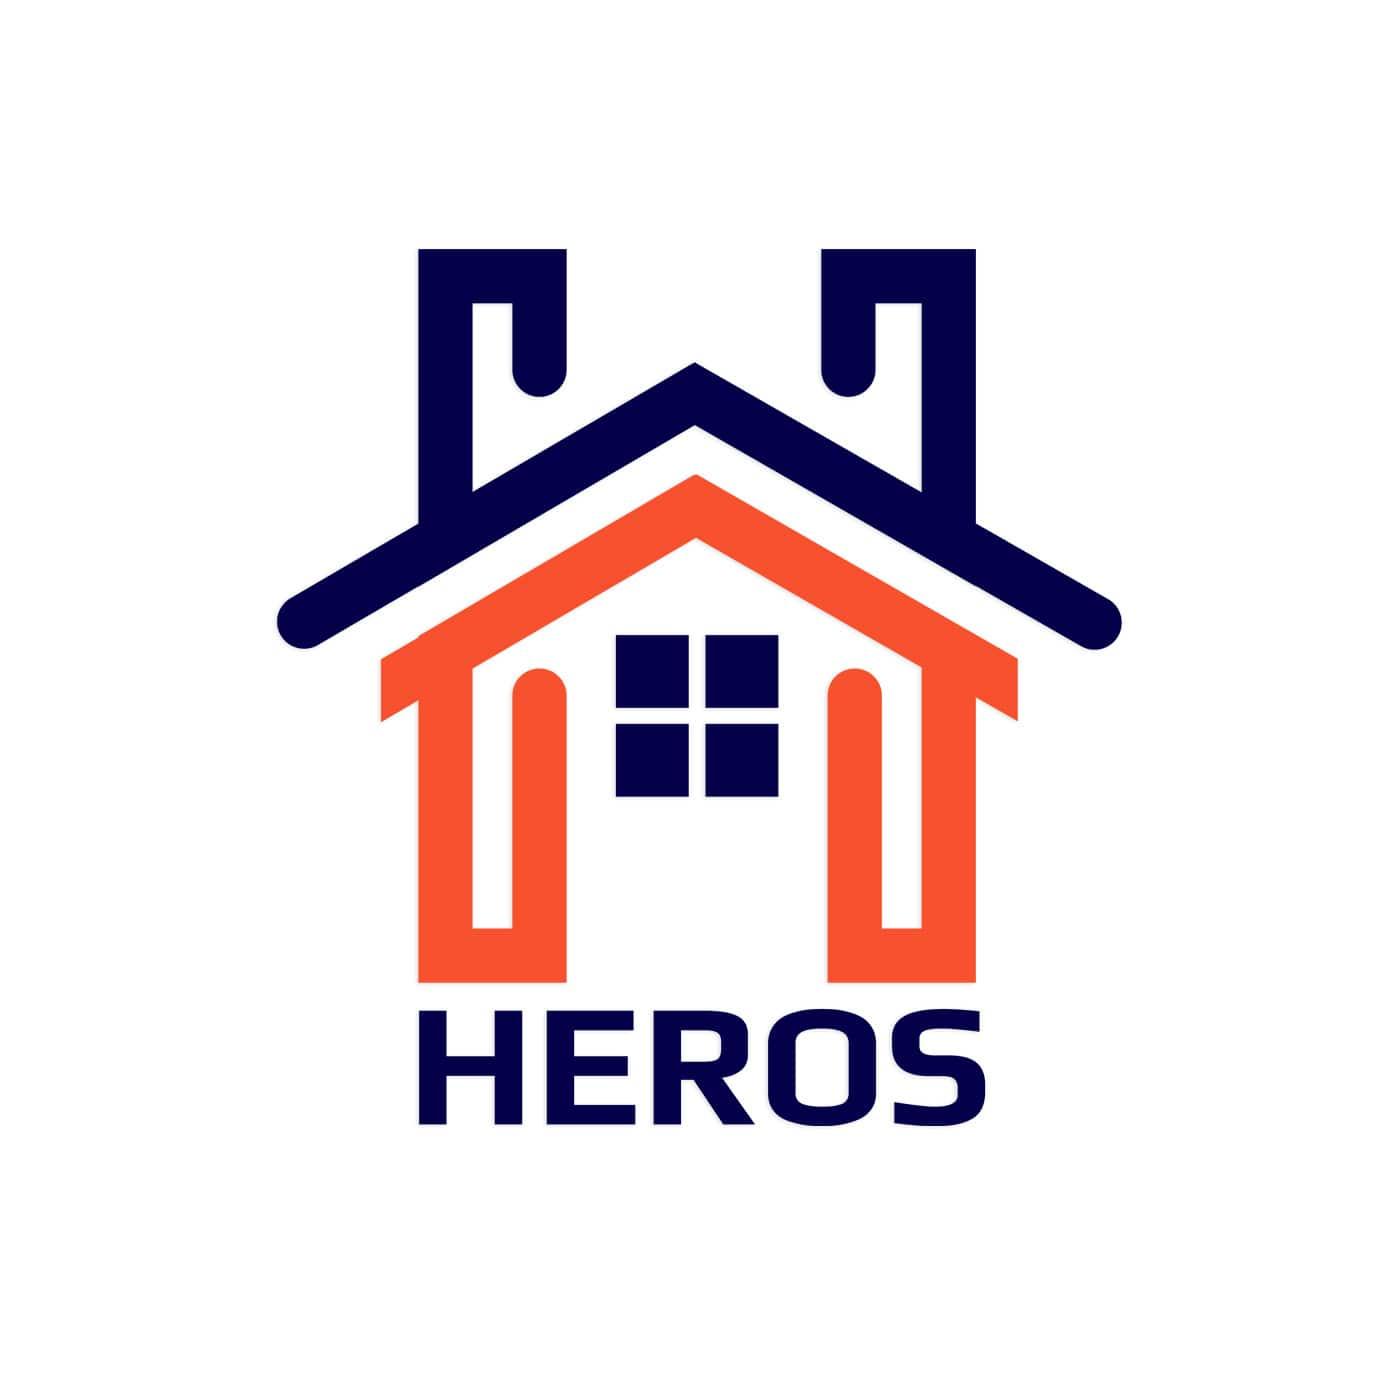 heros_logotip-min